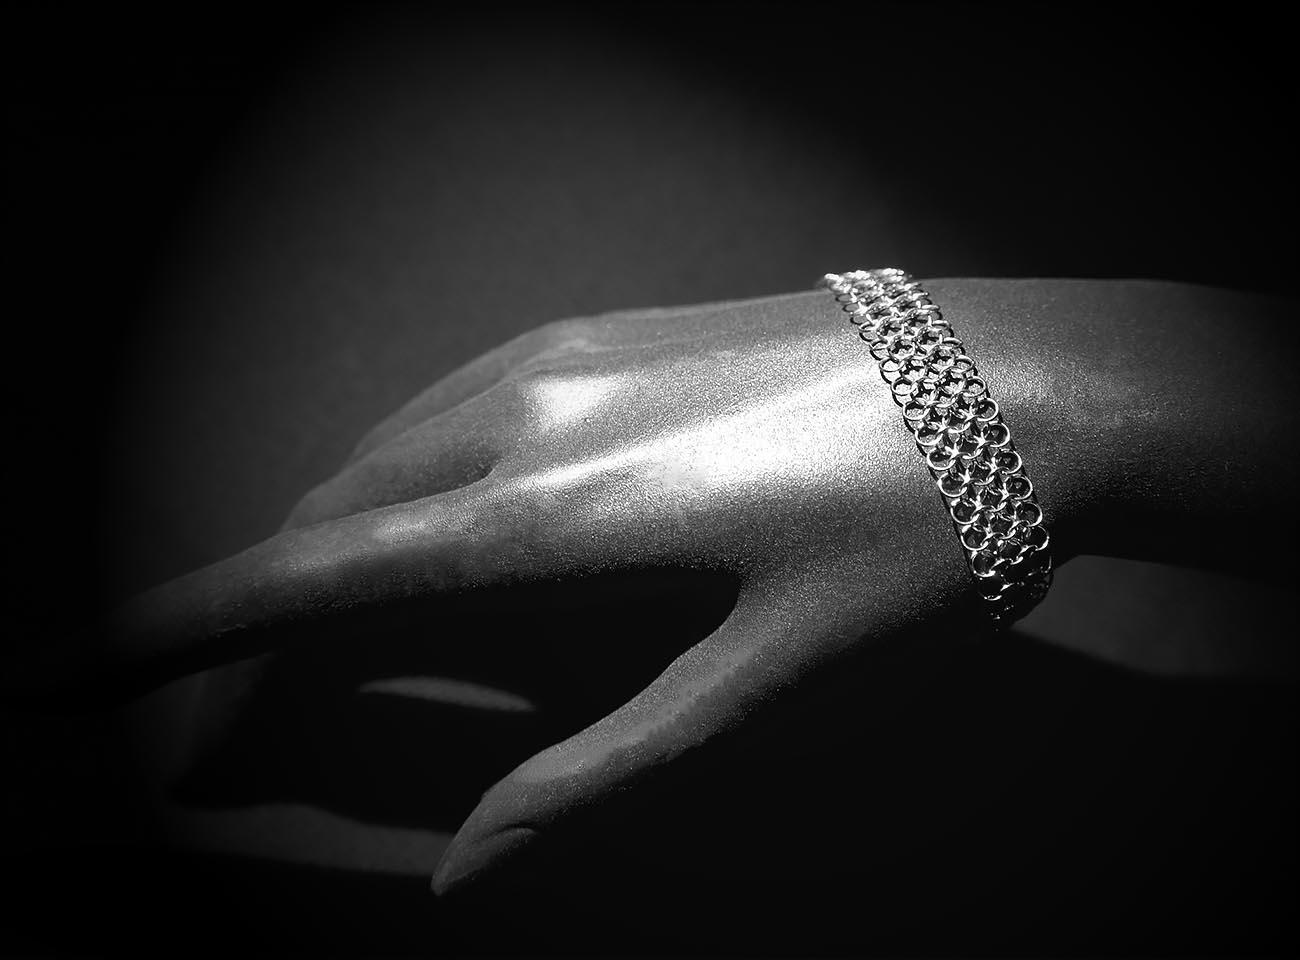 Bracelet one line, by Saratheo